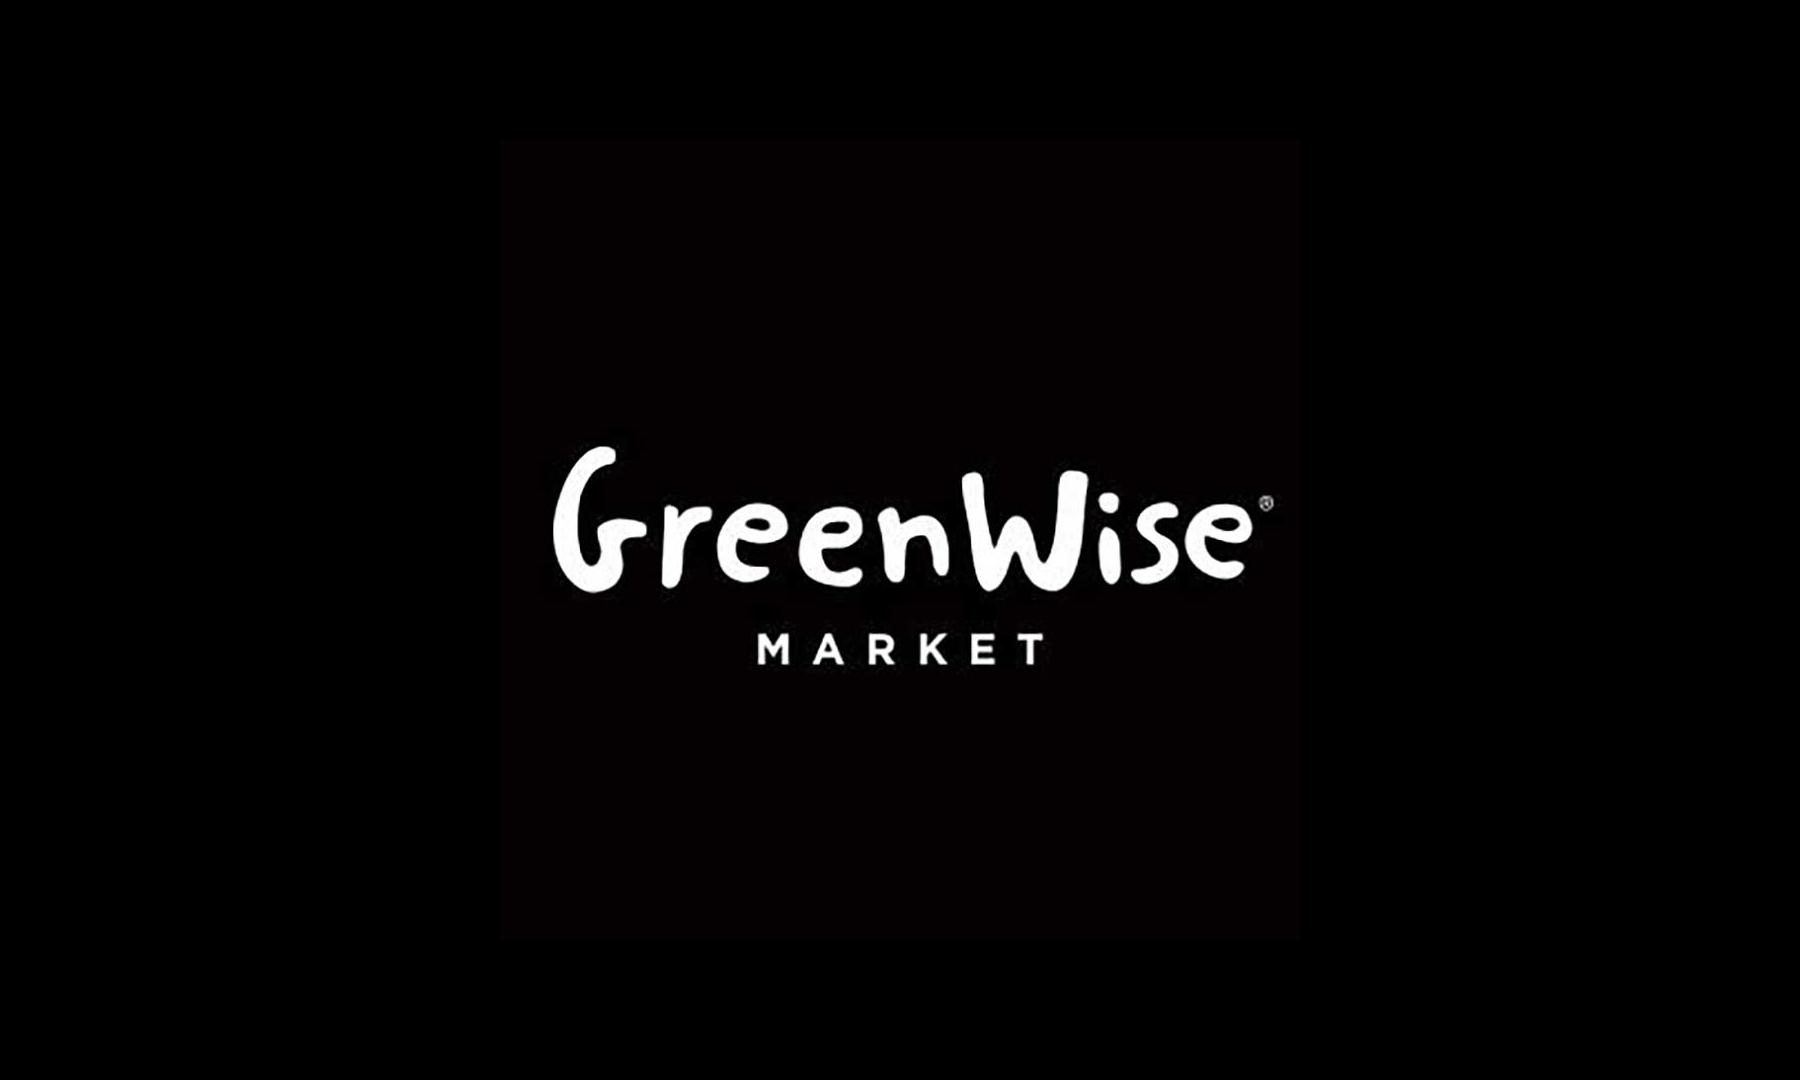 GreenWise, Tampa